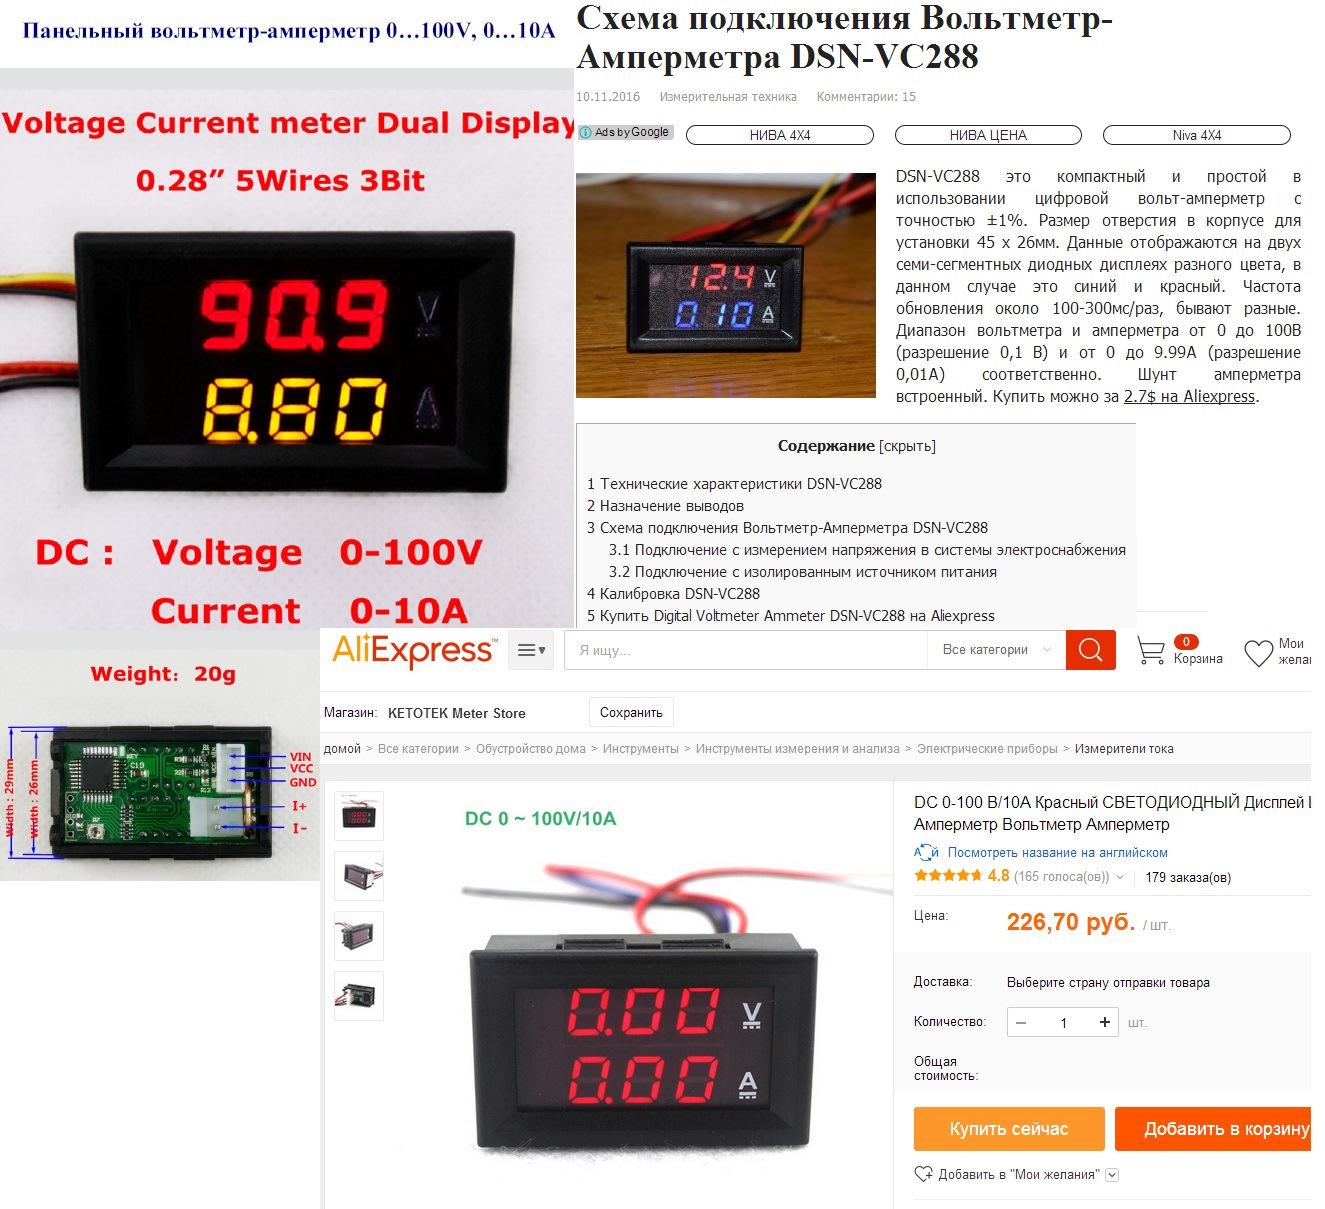 Вольтметр., калькулятор онлайн, конвертер